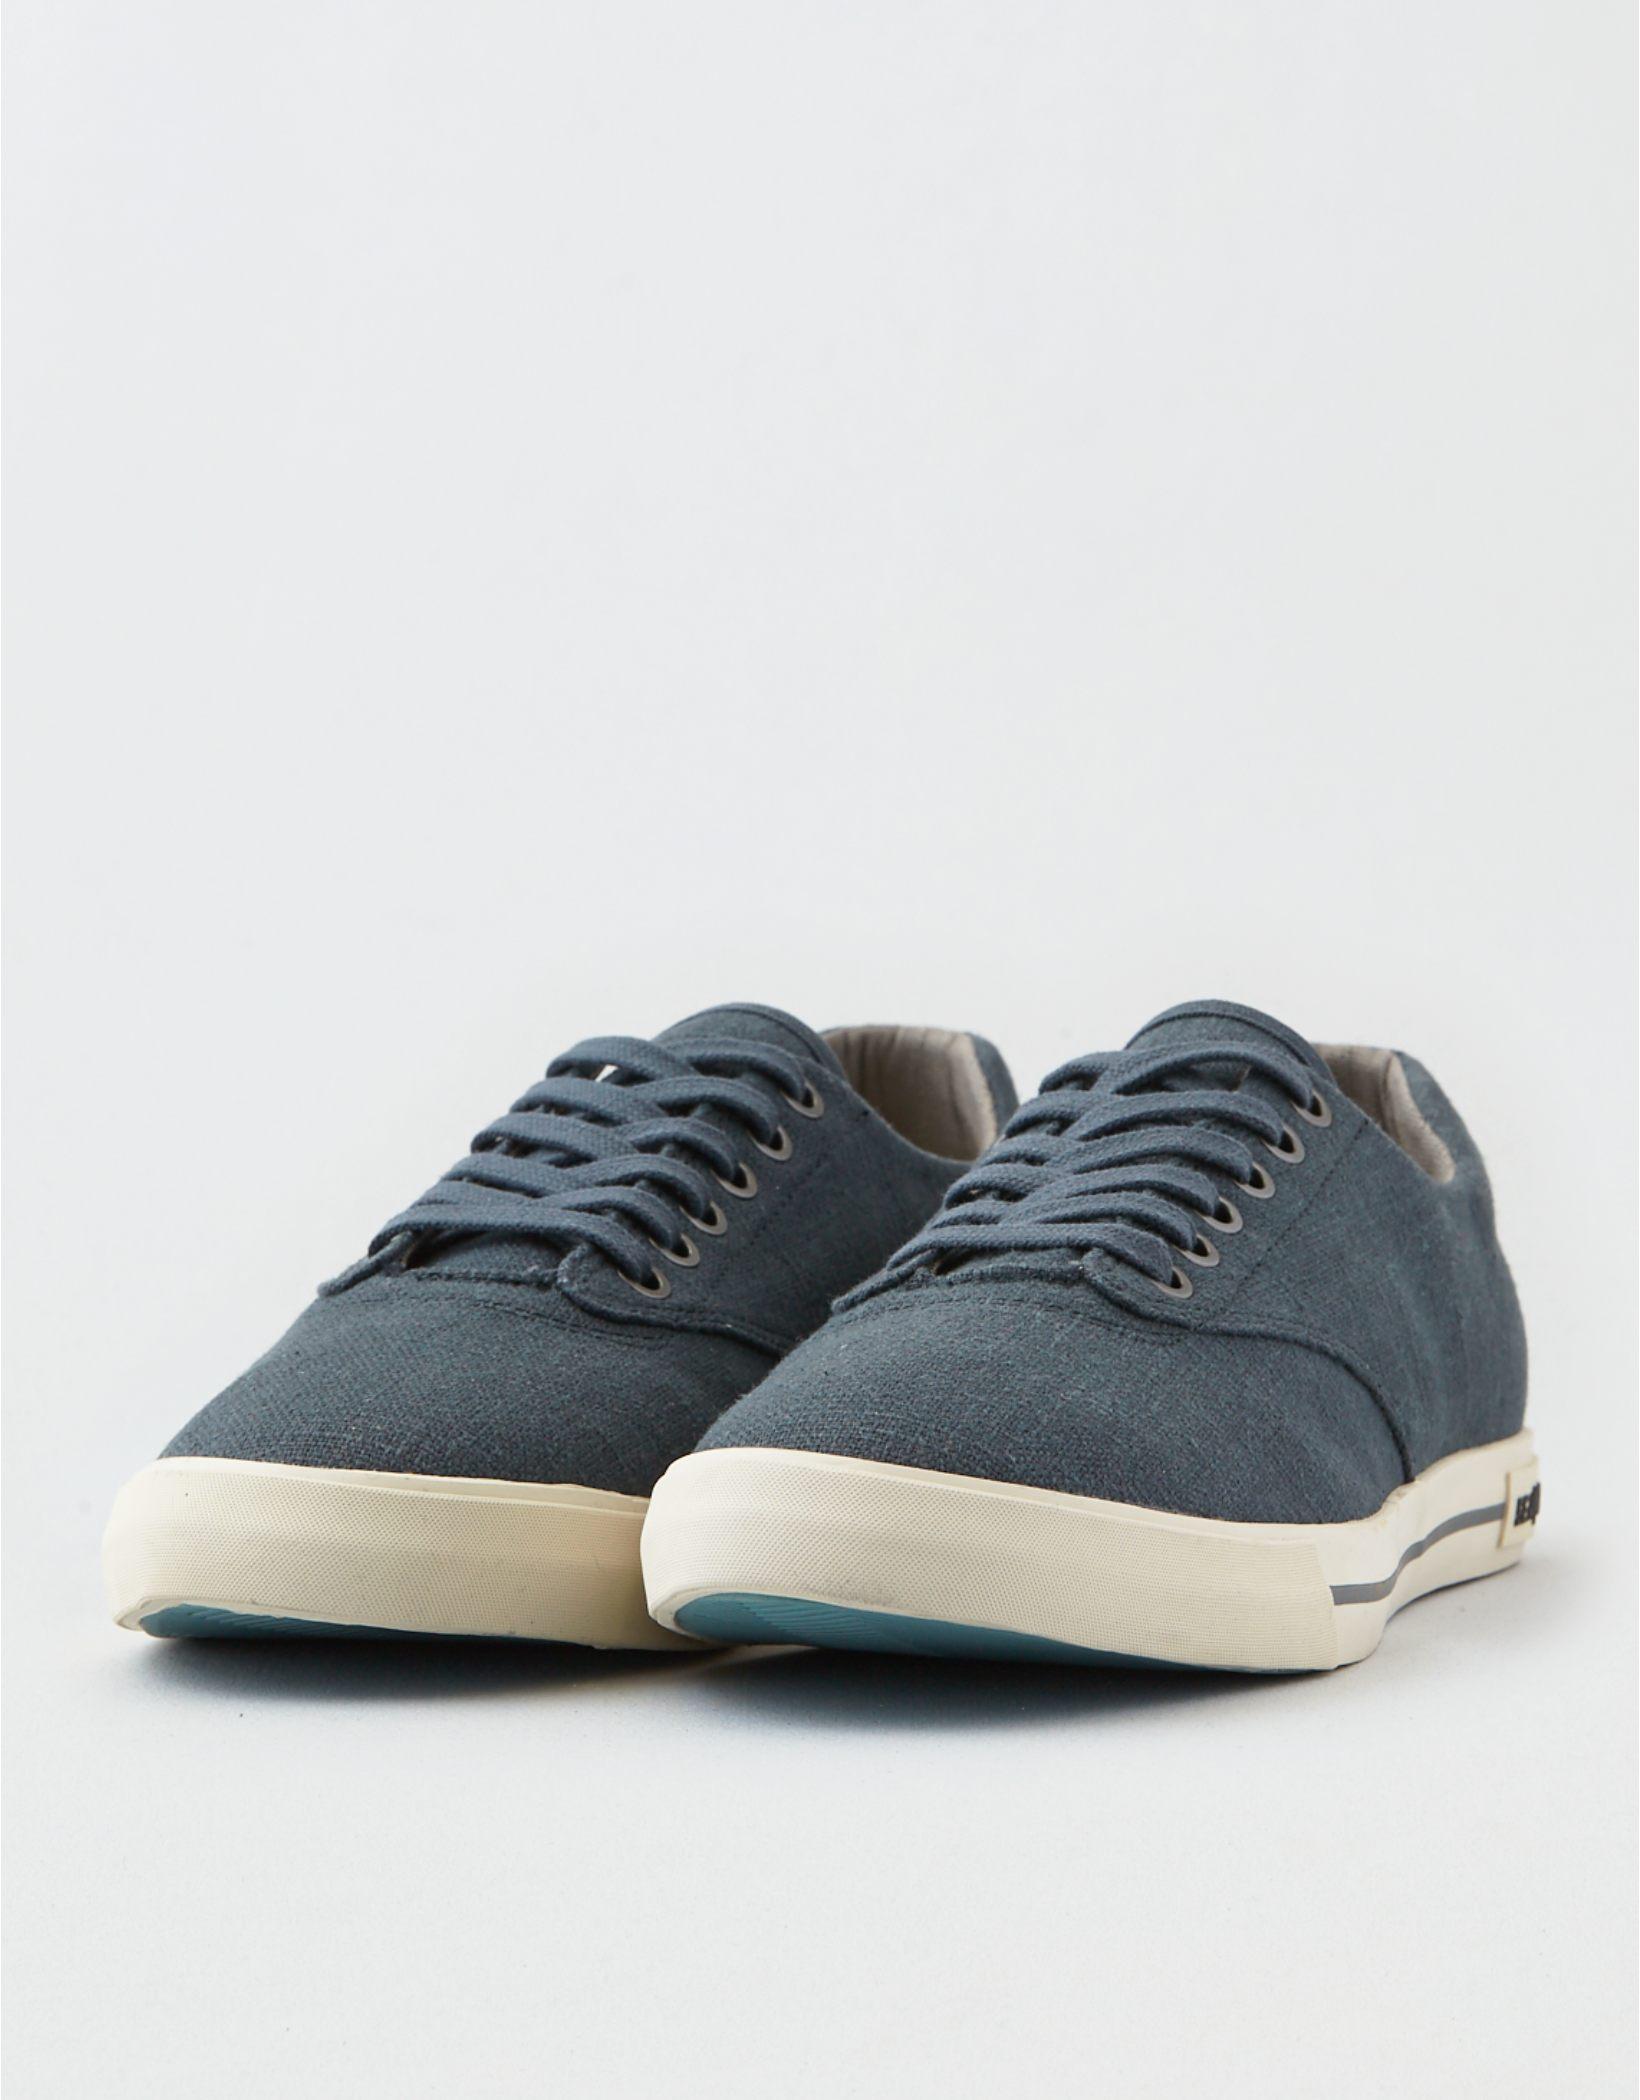 Seavees Hermosa Plimsoll Sneaker